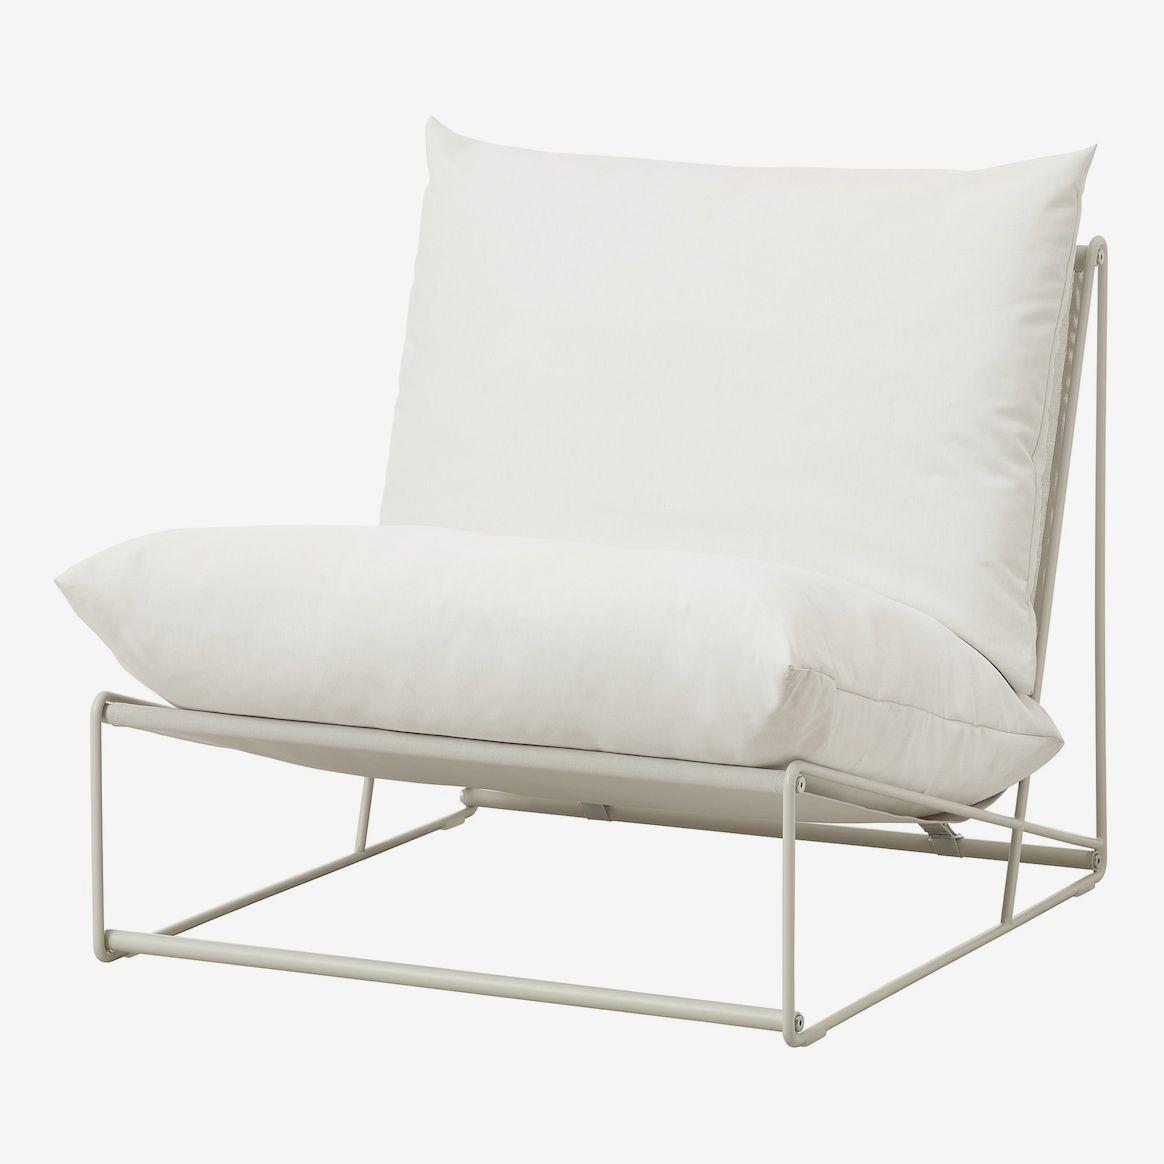 White chair on a white frame.